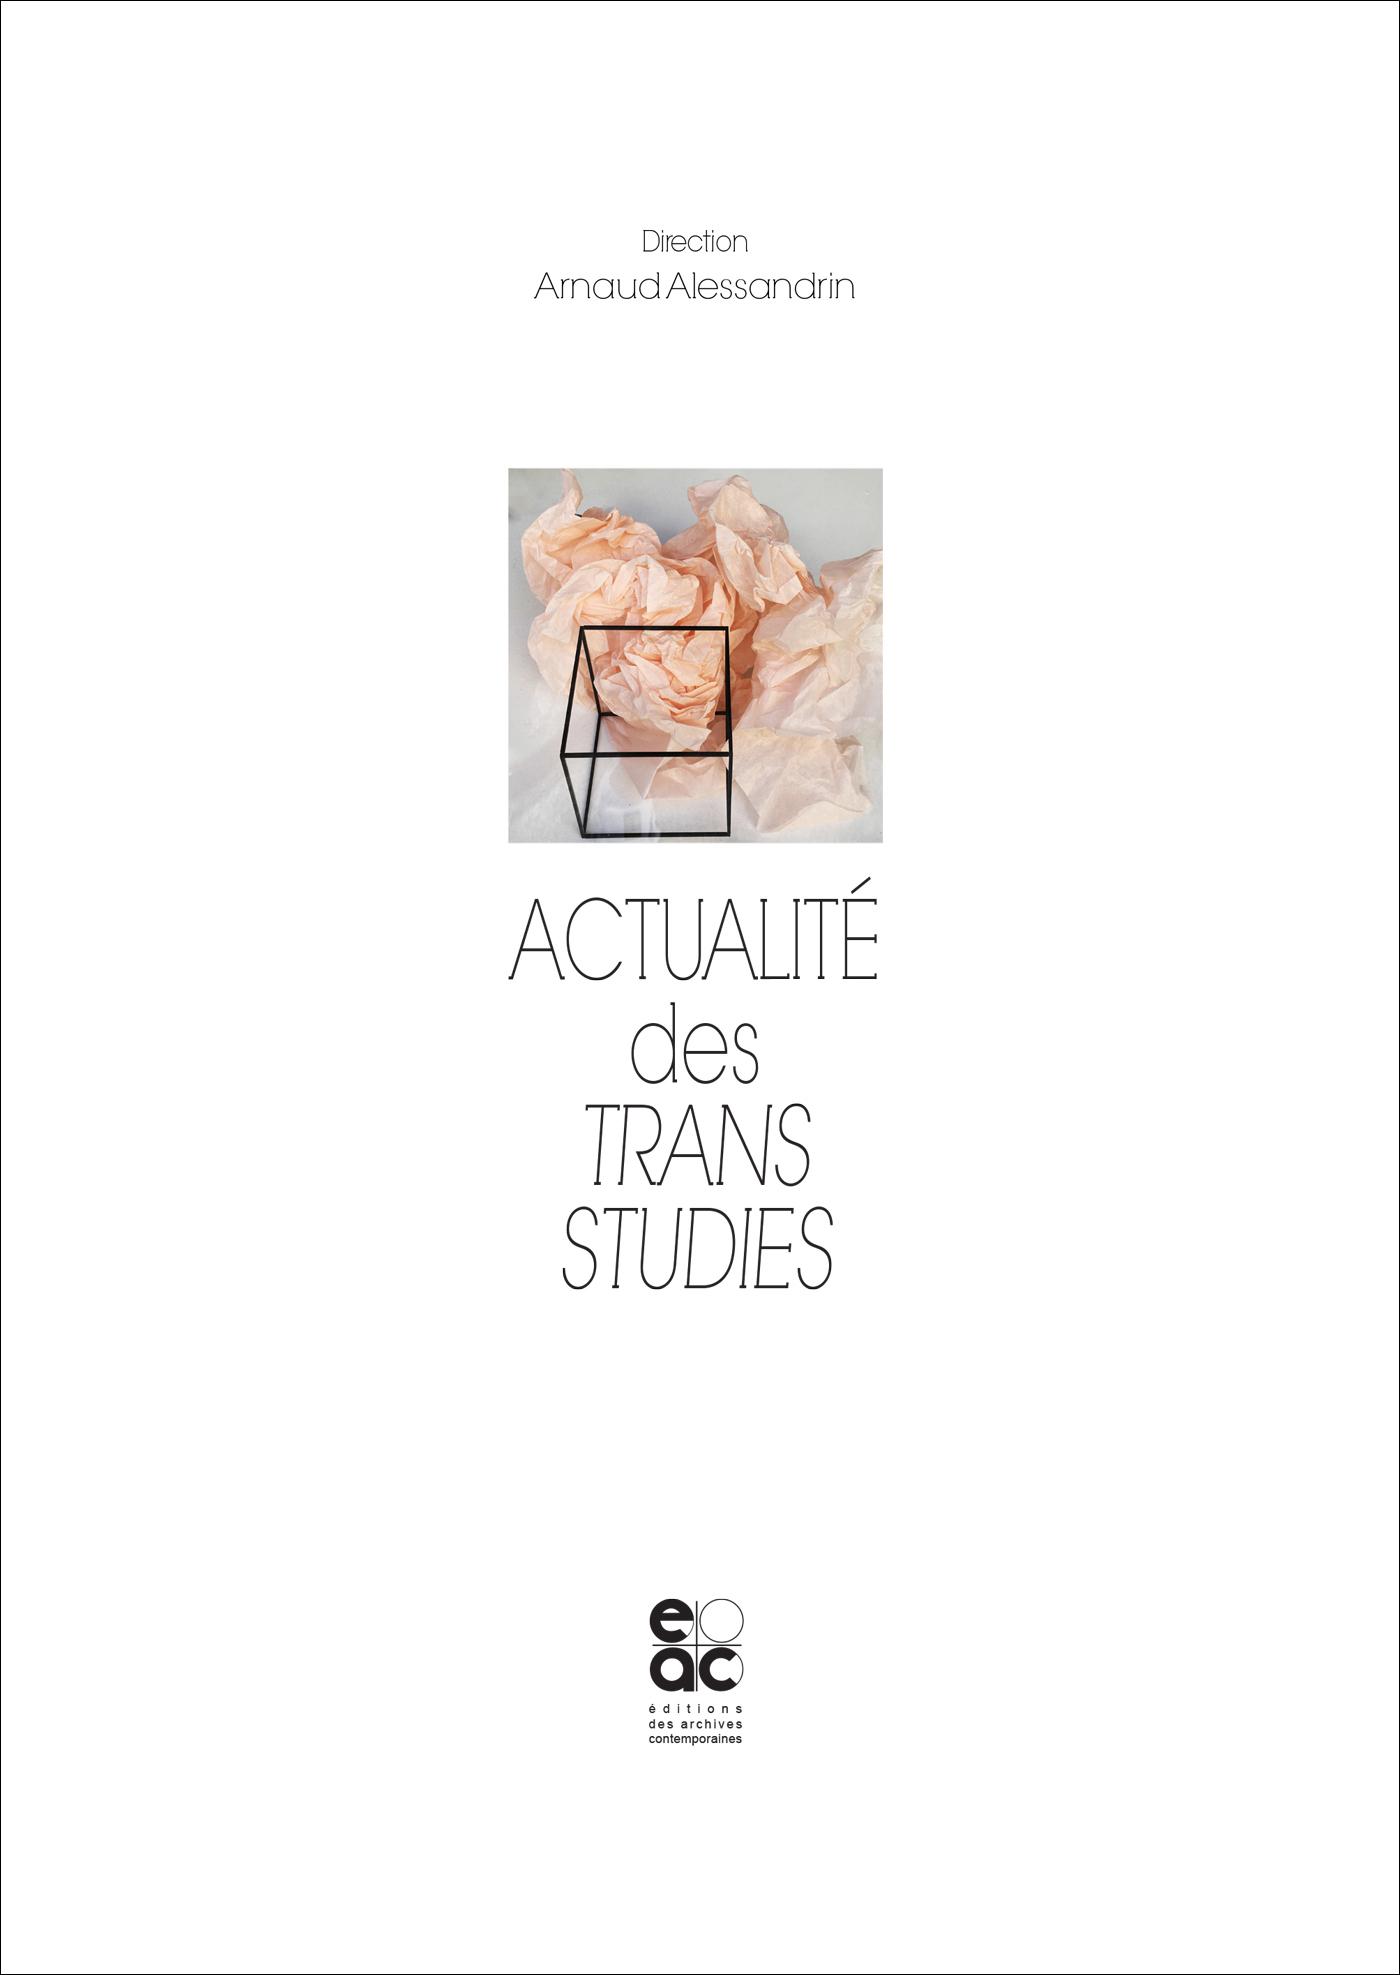 ACTUALITE DES TRANS STUDIES